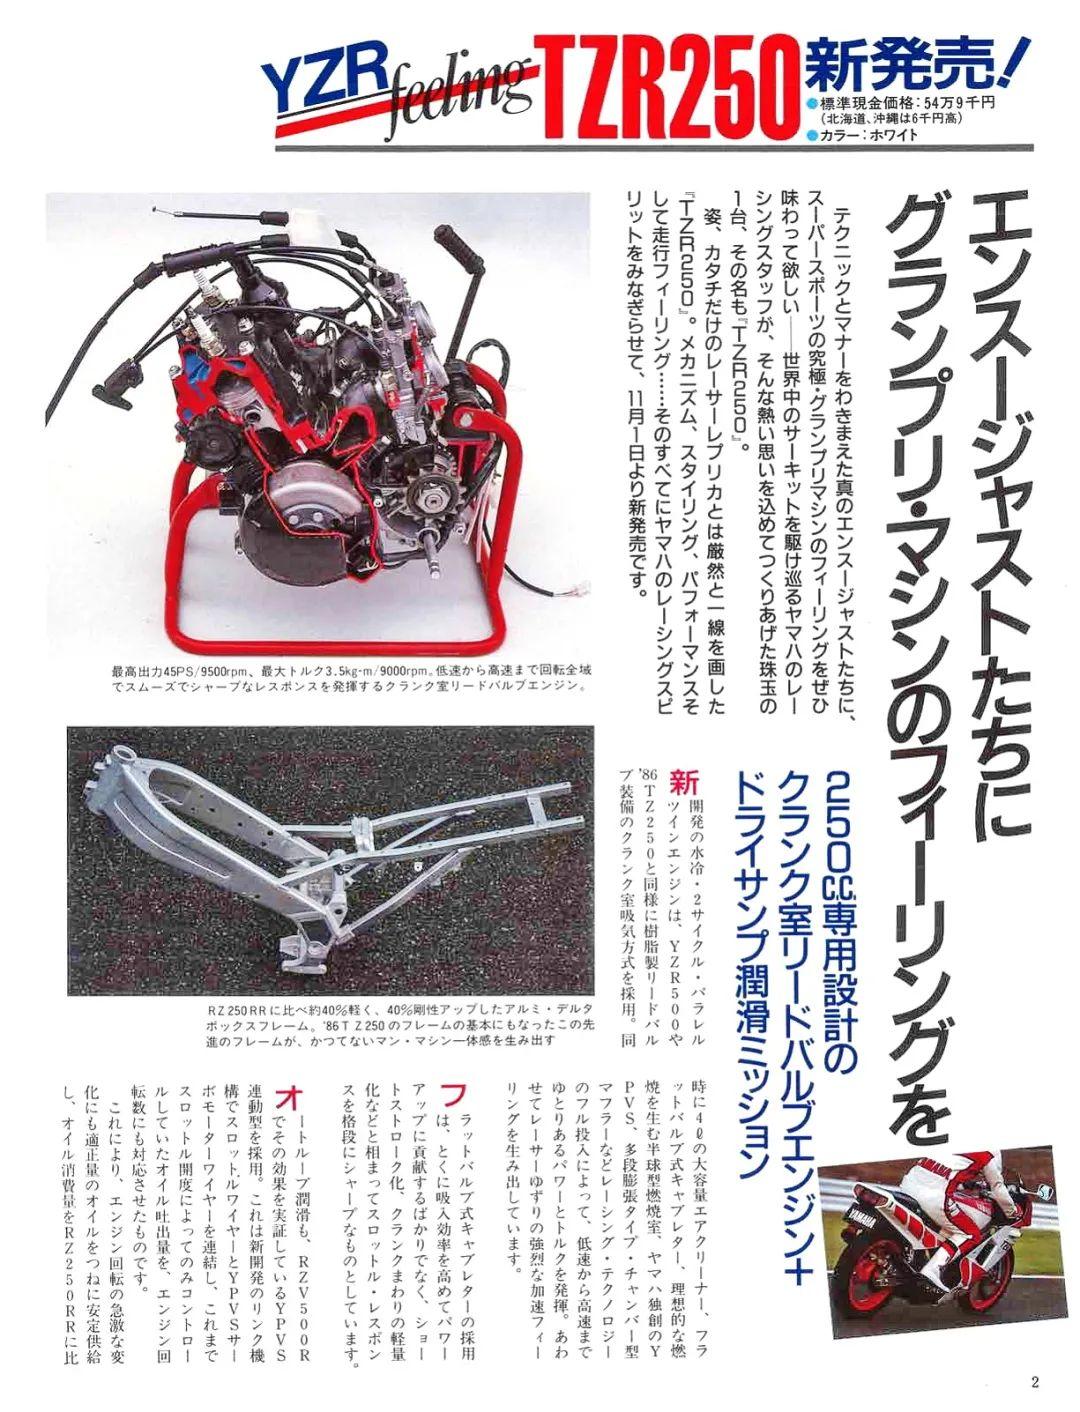 车型历史图库:雅马哈Yamaha TZR250 第一代-第6张图片-春风行摩托车之家